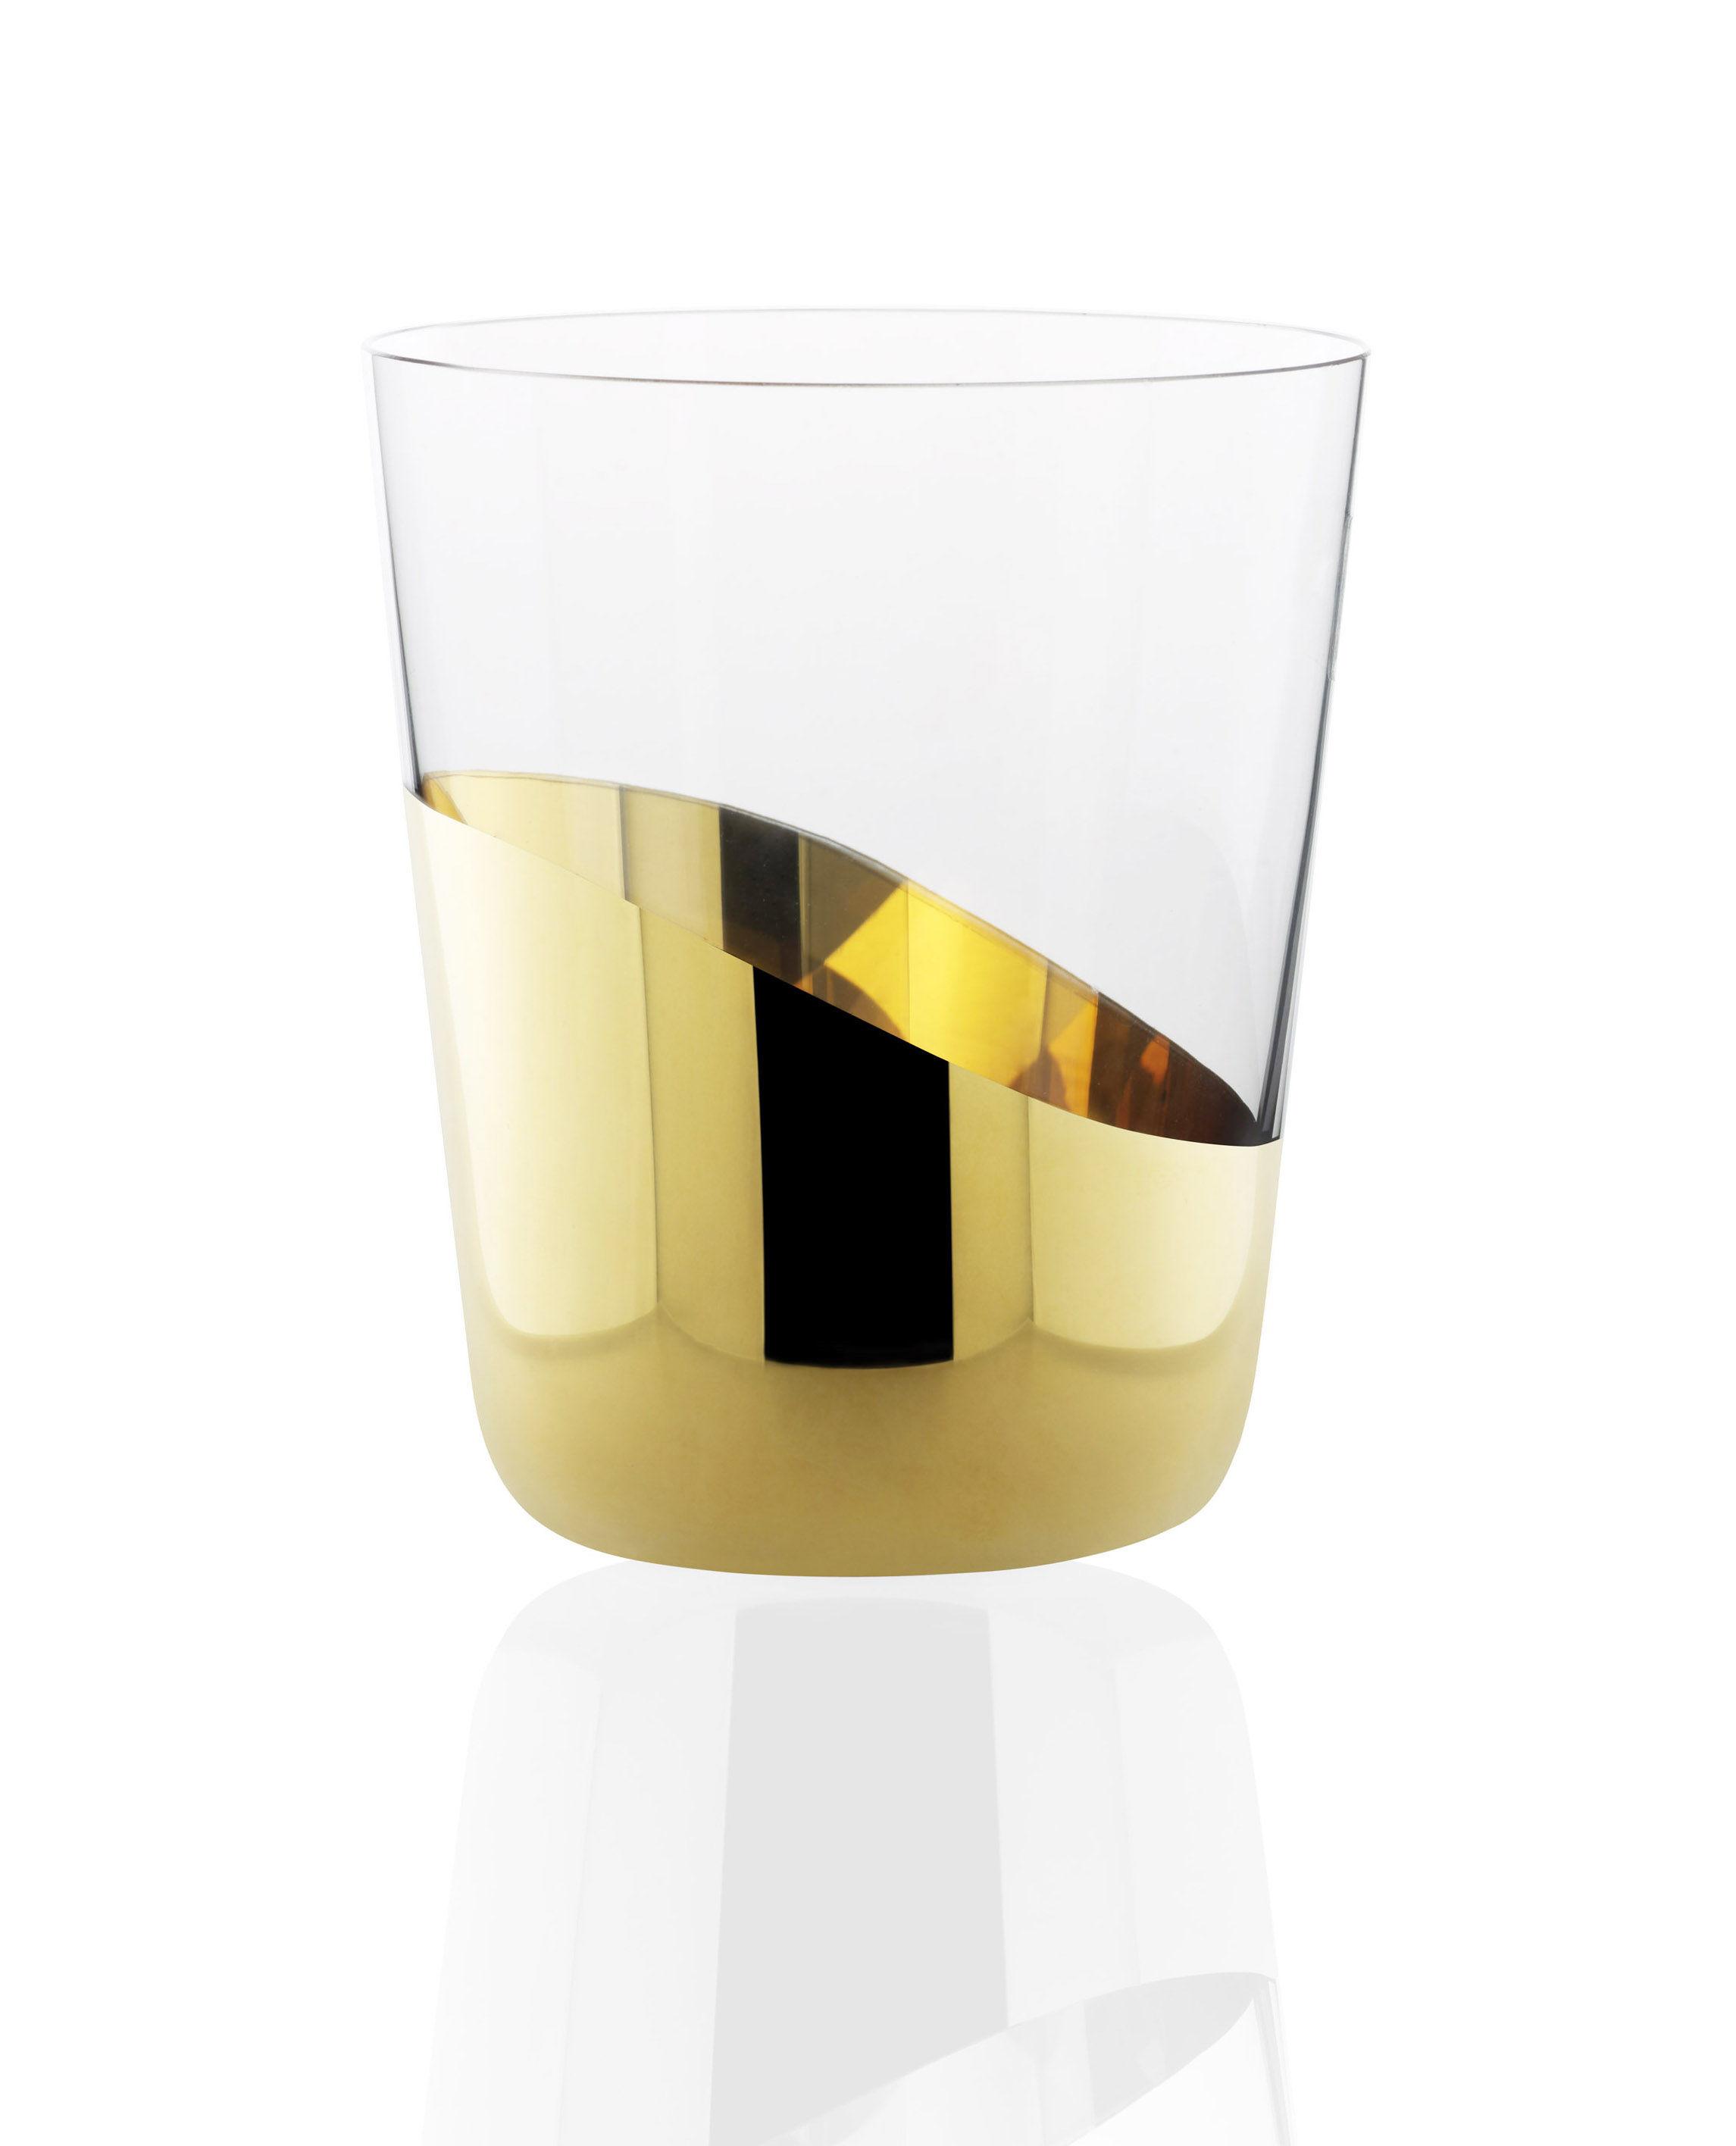 verre eau midas lot de 2 h 10 cm verre eau h 10 cm or skitsch. Black Bedroom Furniture Sets. Home Design Ideas